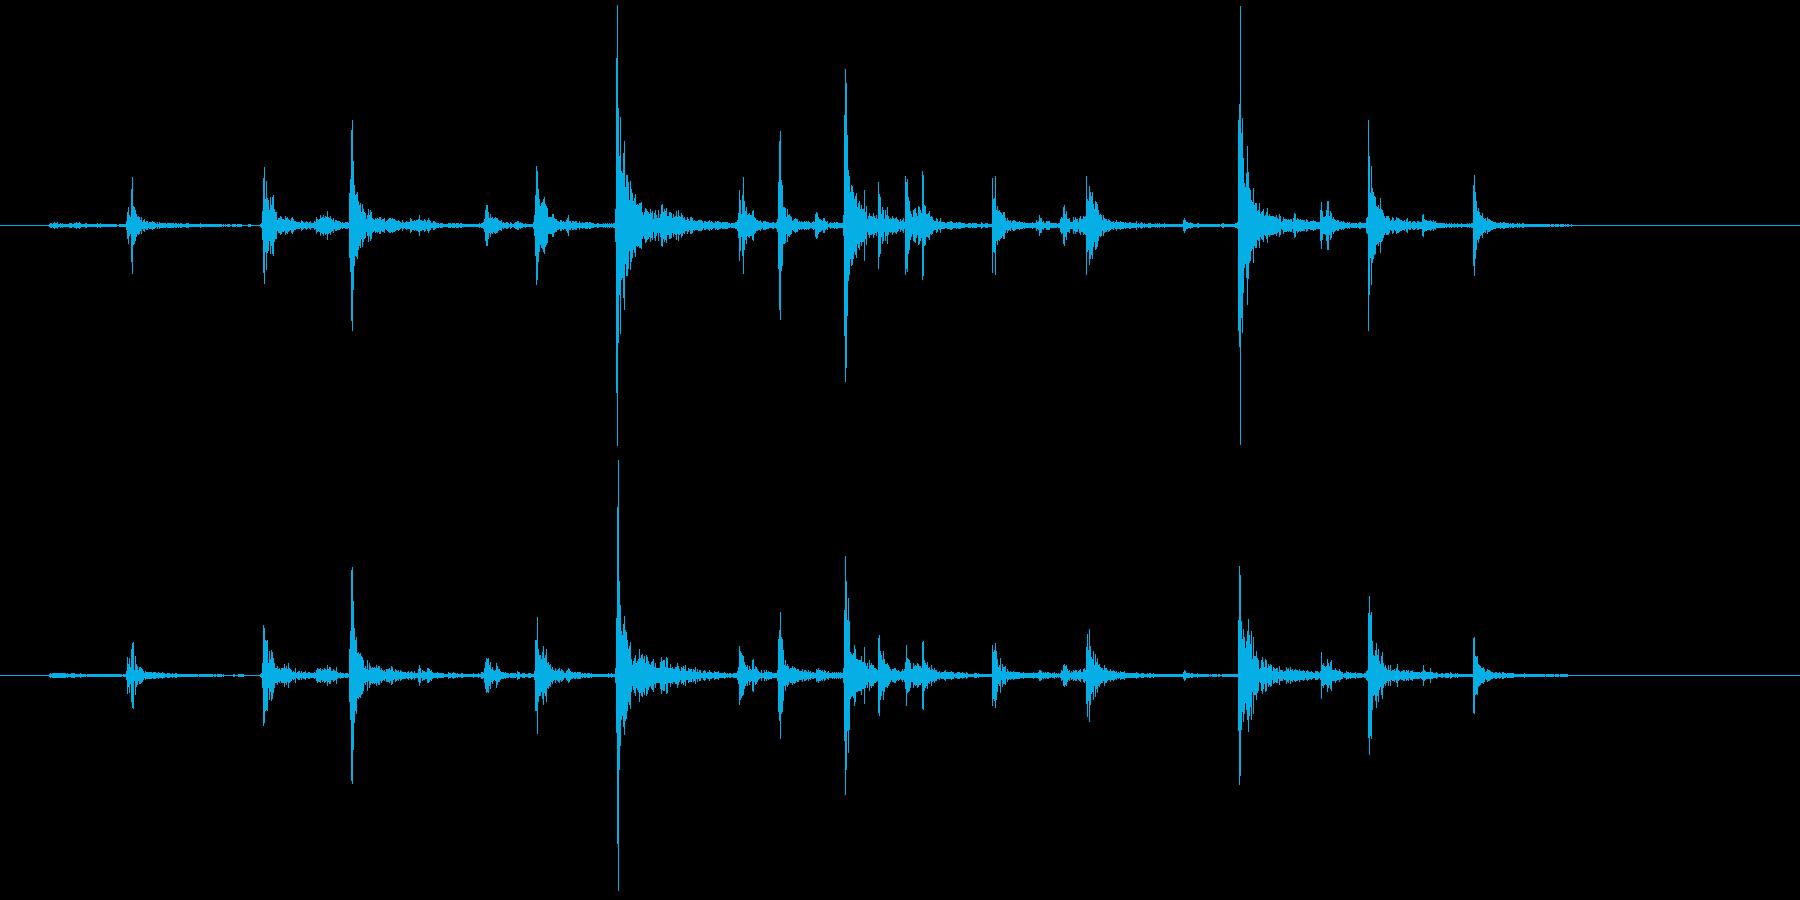 PCキーボード入力4の再生済みの波形